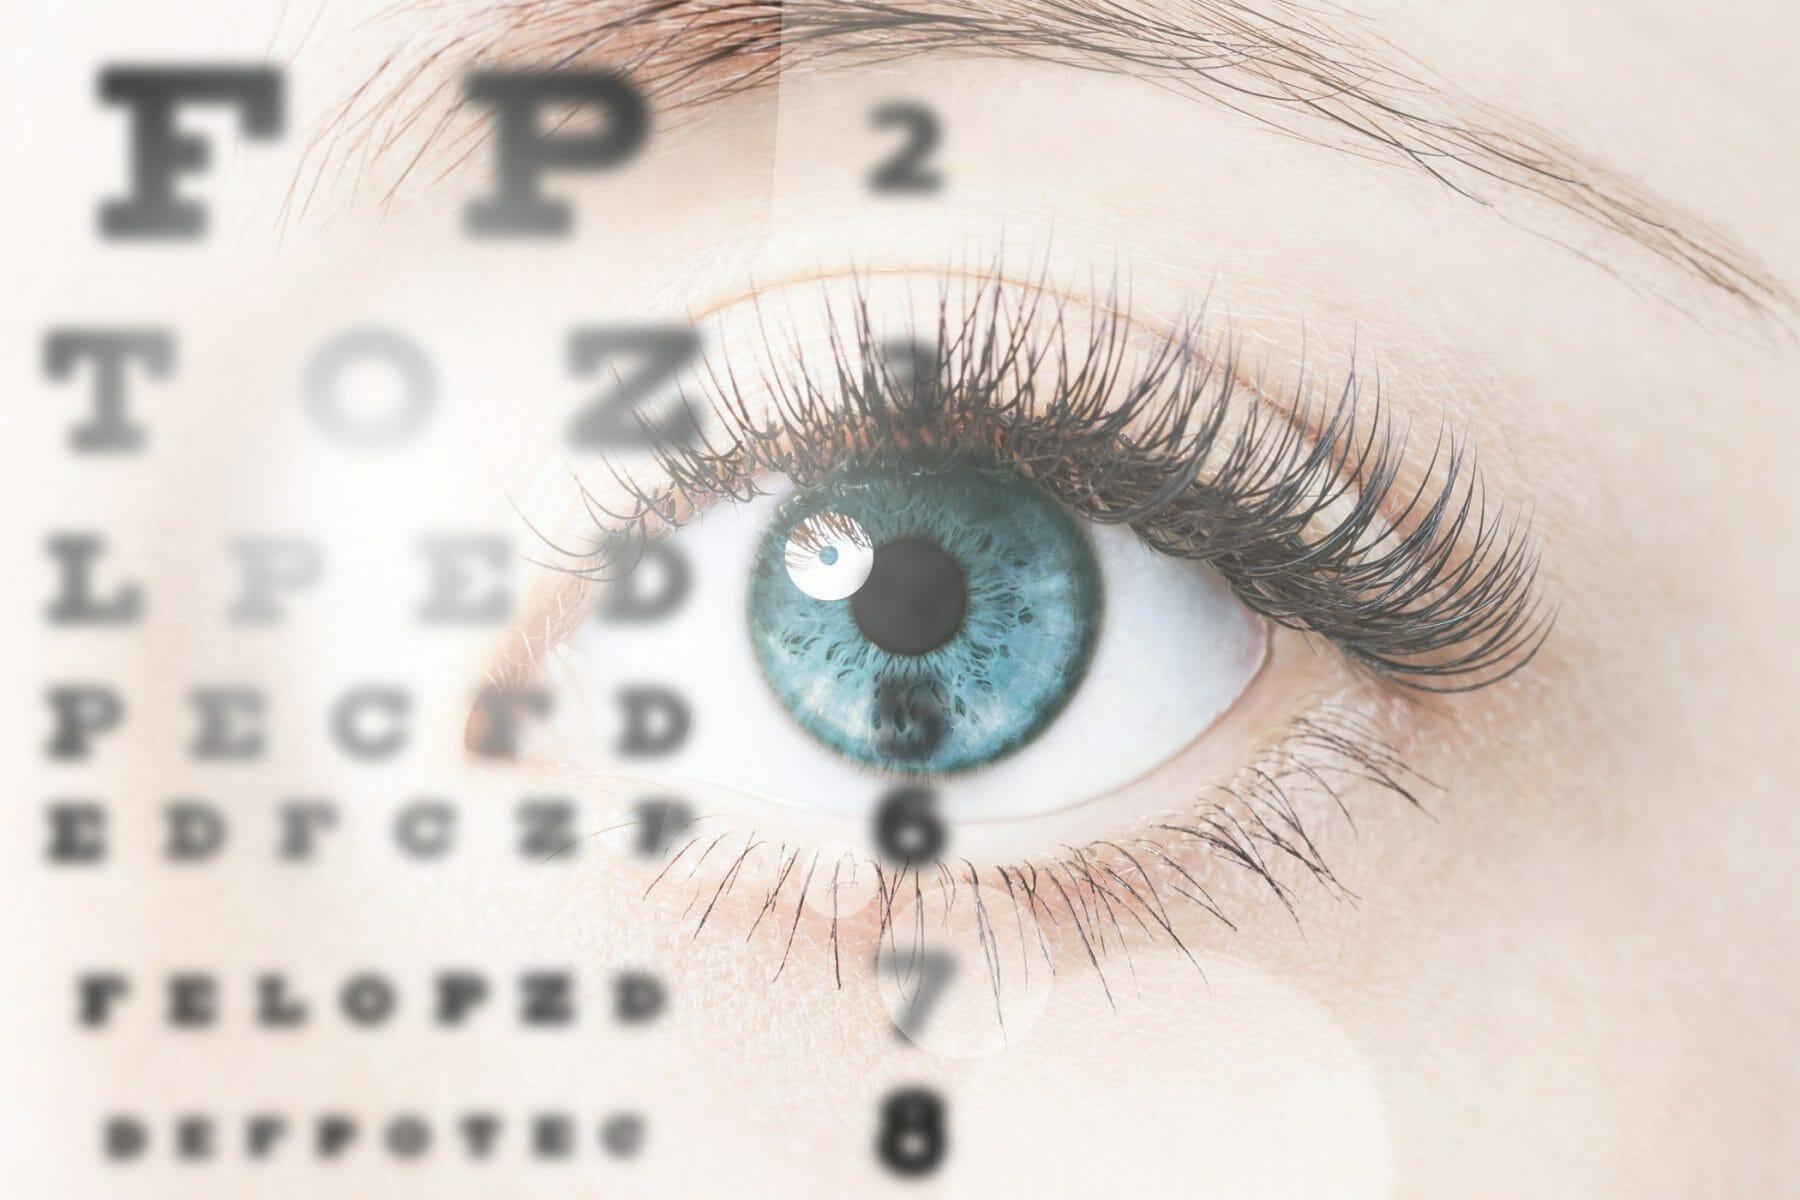 vision rehabilitation